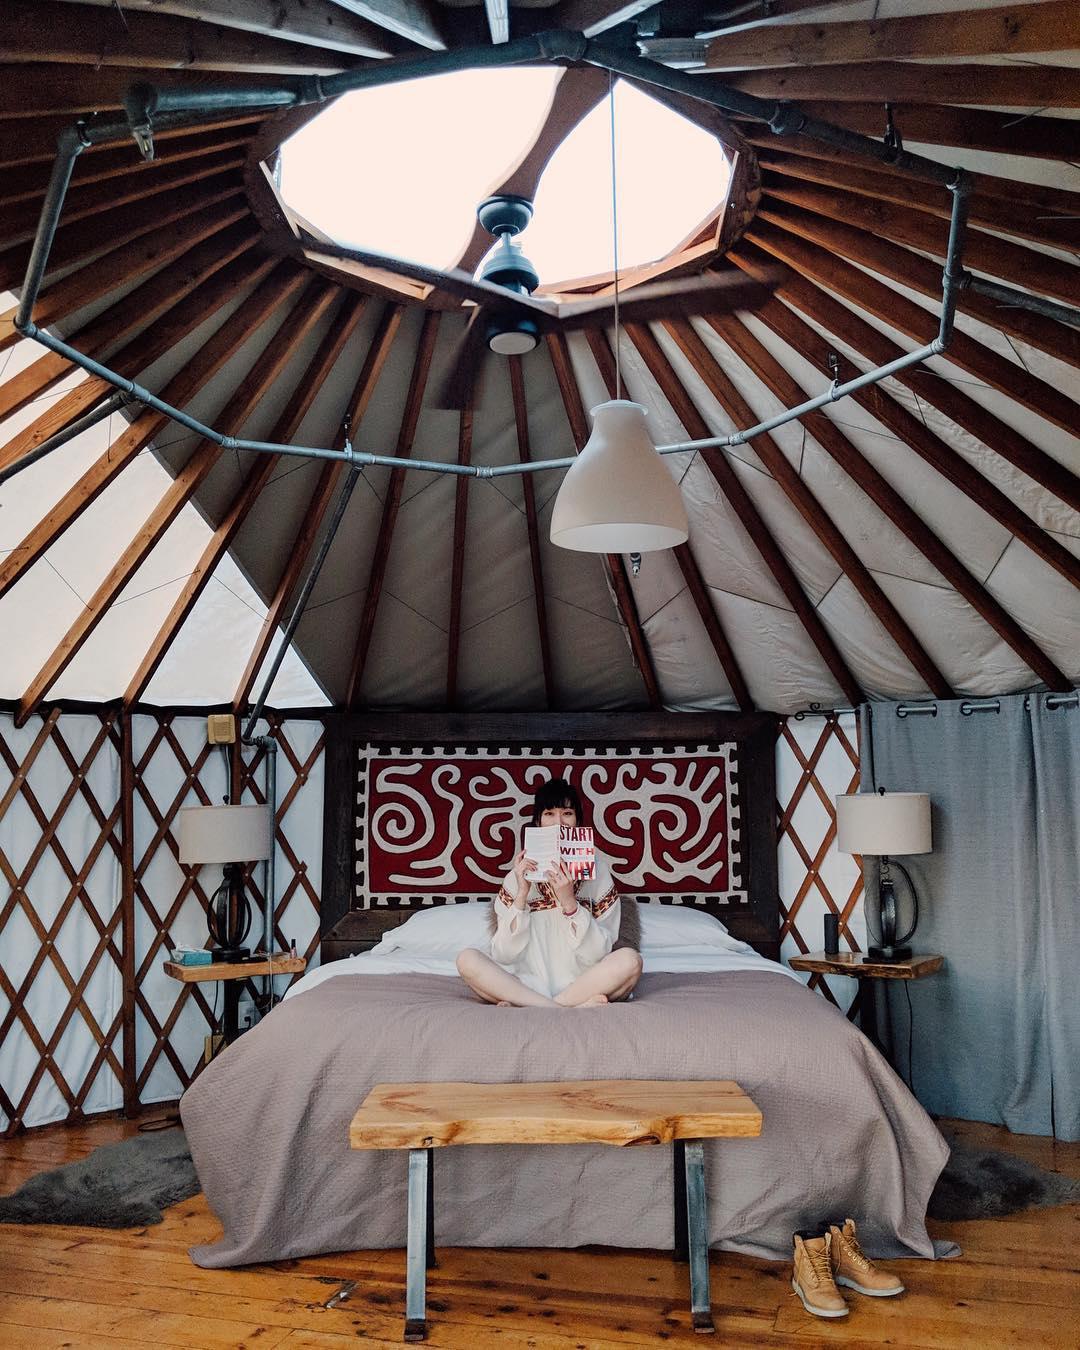 浪漫的野外露营 帐篷酒店树骨度假村